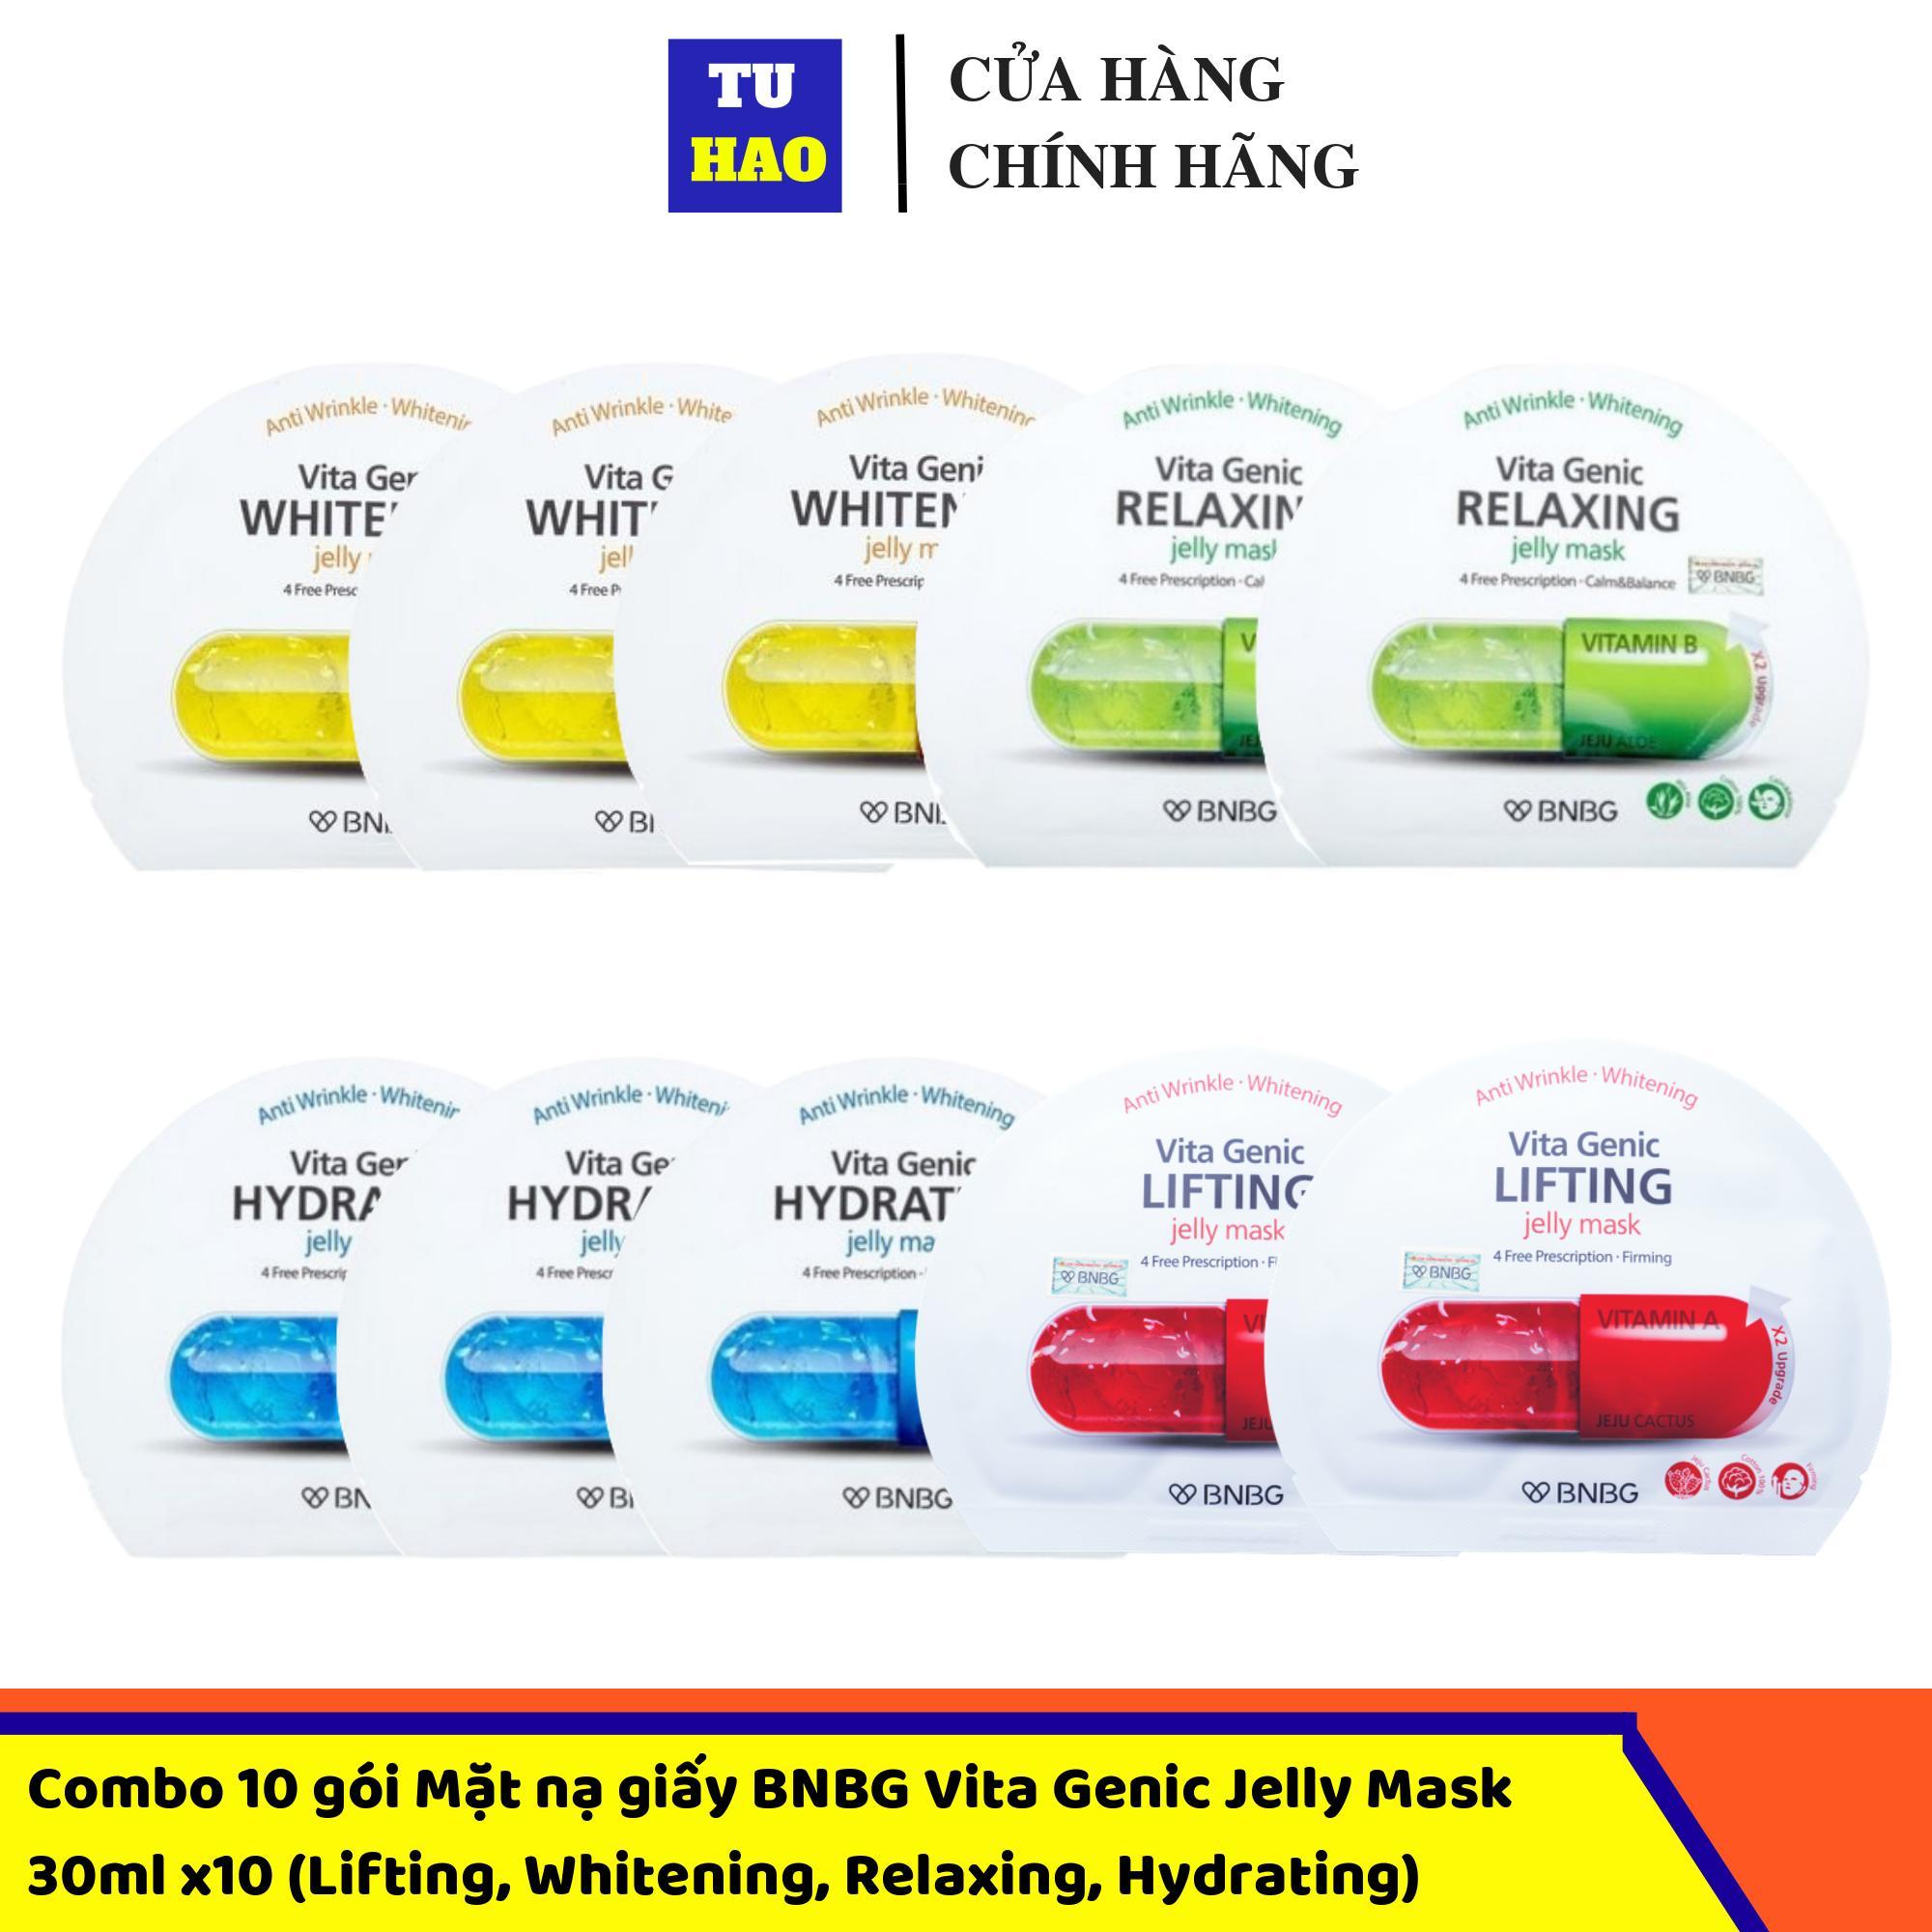 Combo 10 Gói Mặt Nạ Giấy BNBG Vita Genic Jelly Mask 30mlx10 (Lifting, Whitening, Relaxing, Hydrating) Mix đủ 4 Loại Khuyến Mại Hot